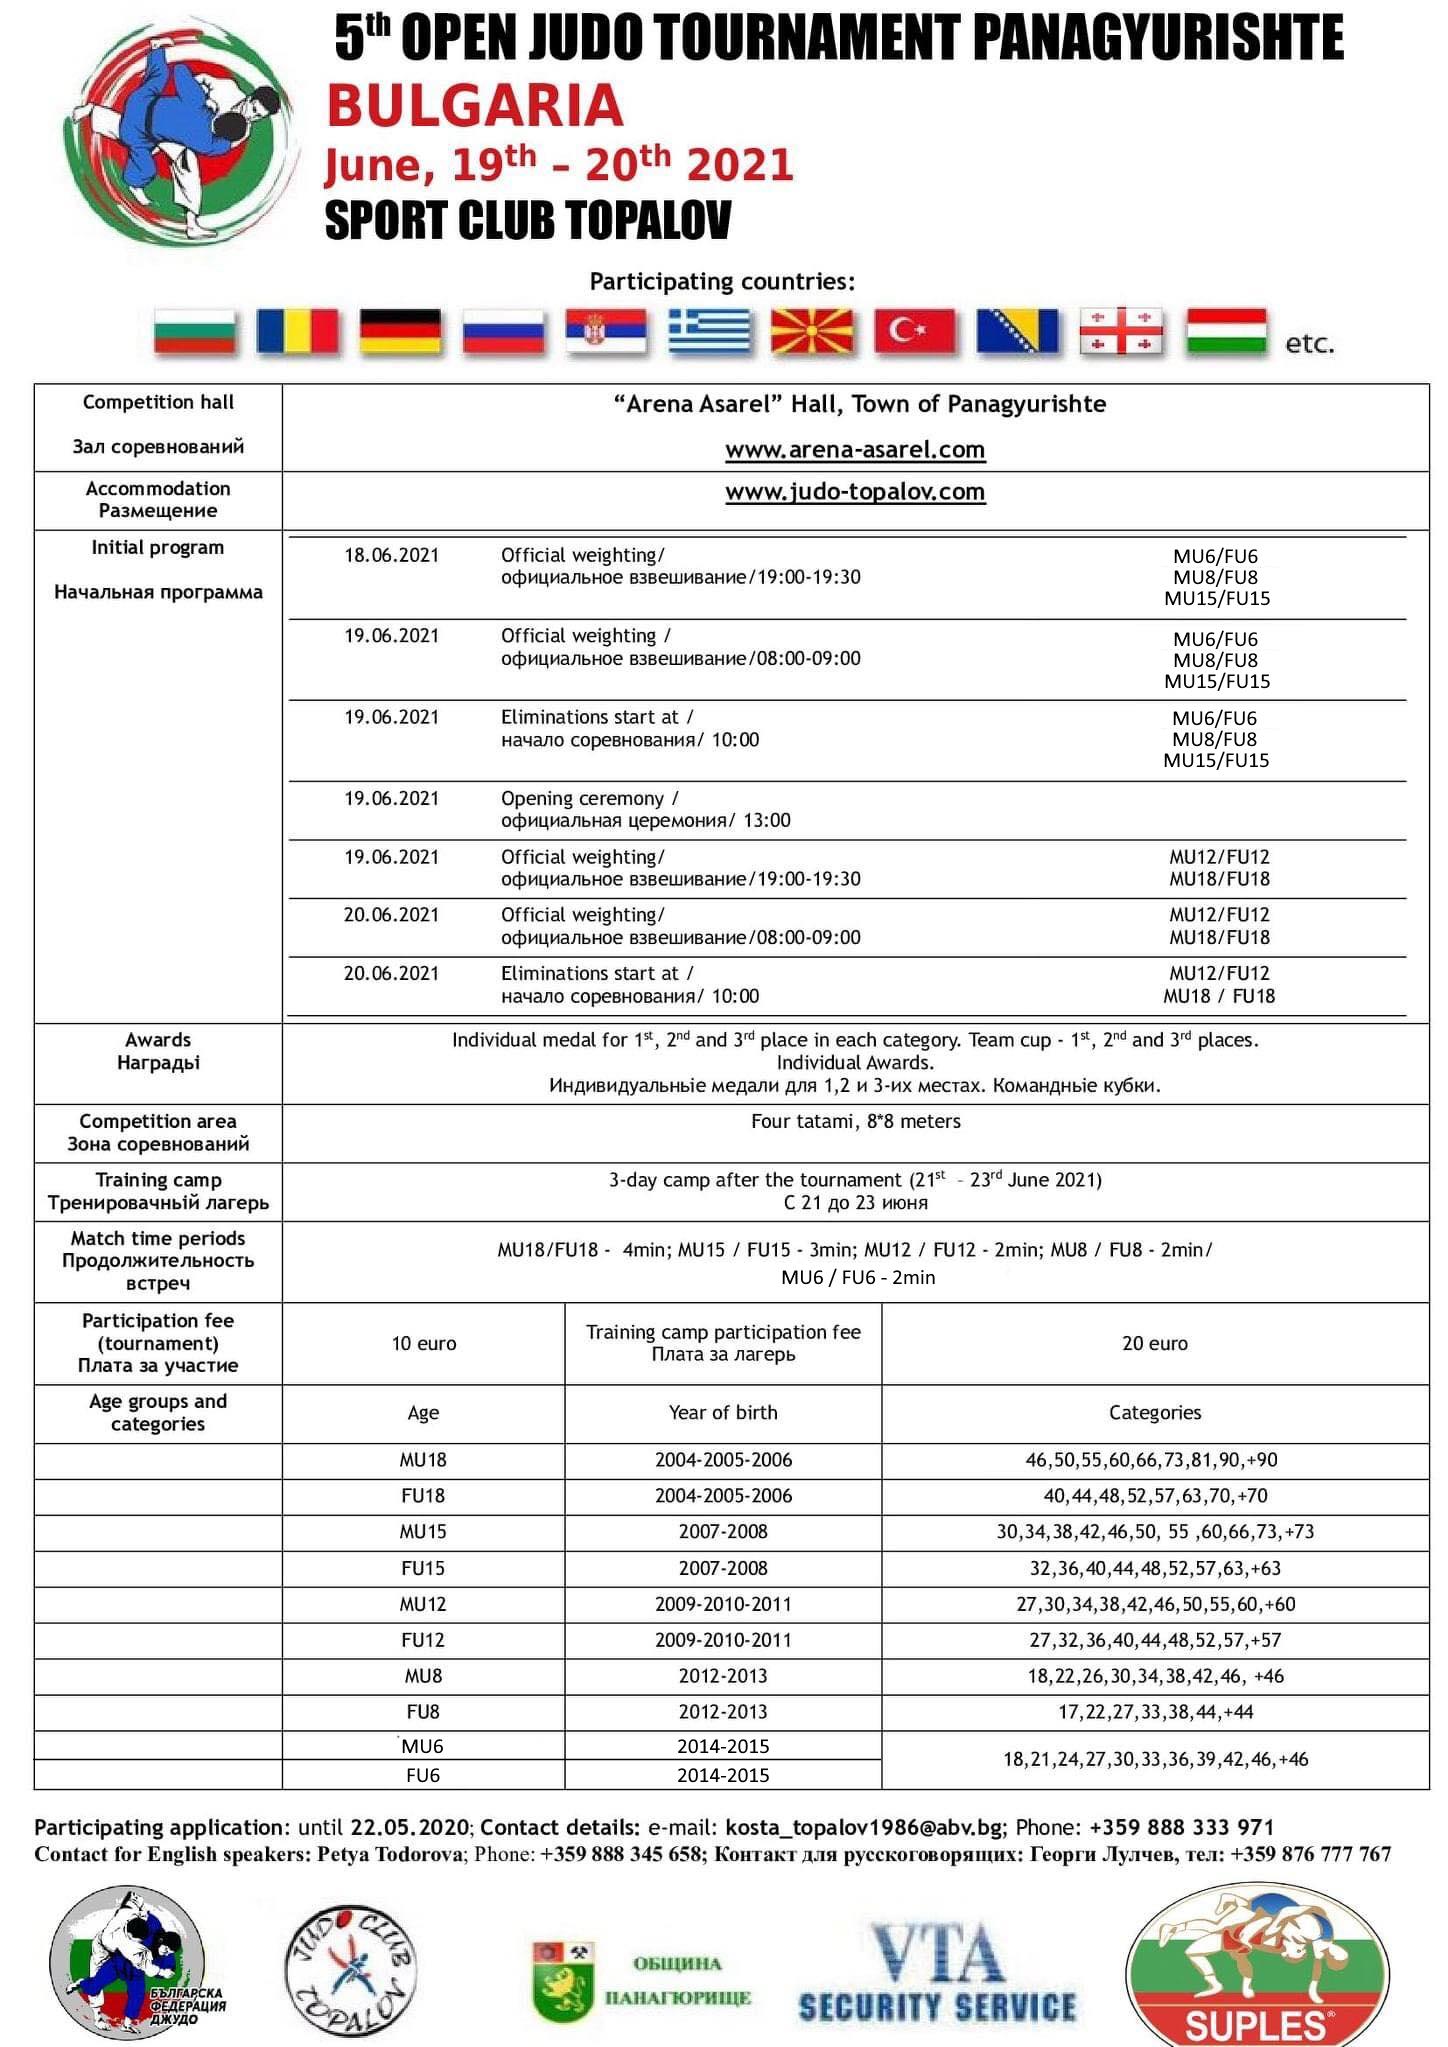 Judo Topalov 2021